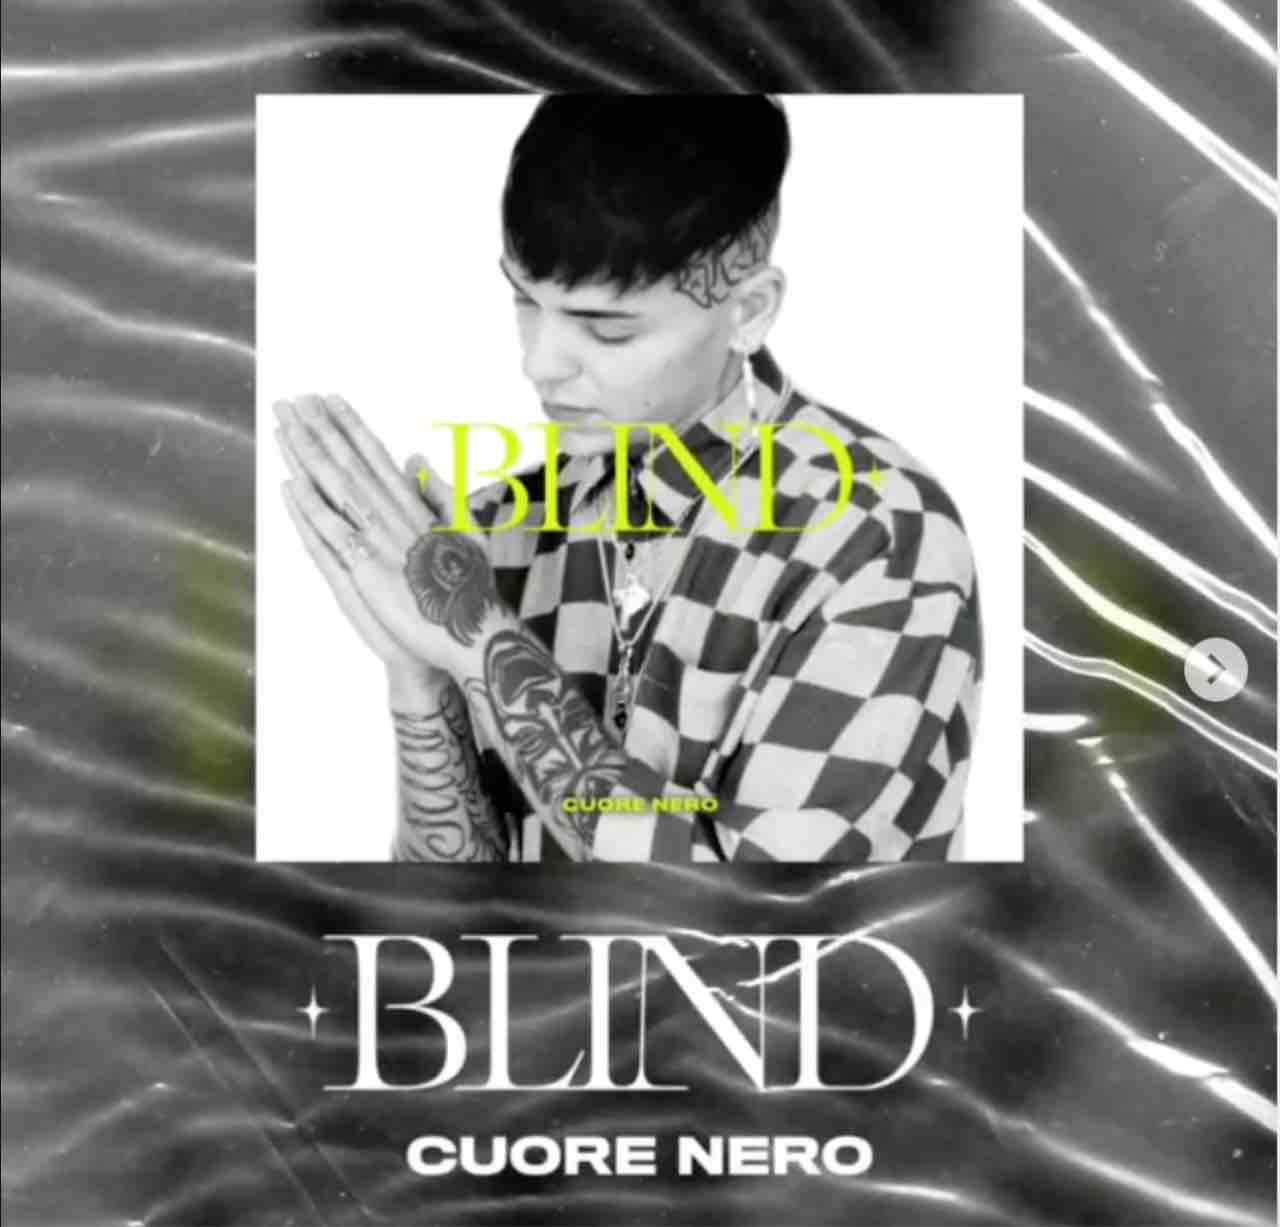 Blind Cruore nero